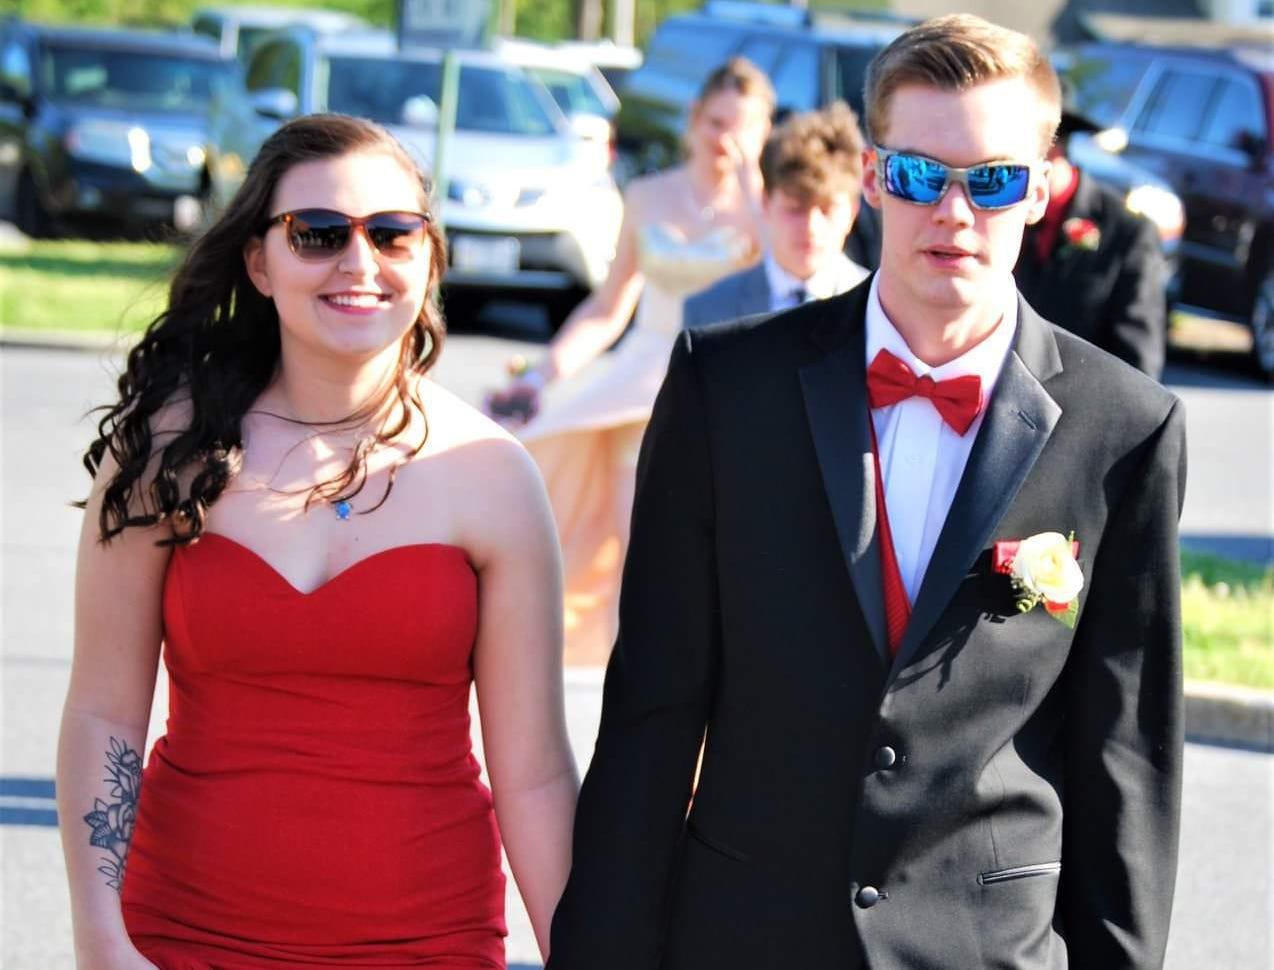 Ally Stevenson and Scott Sier at the Mardela Senior Prom